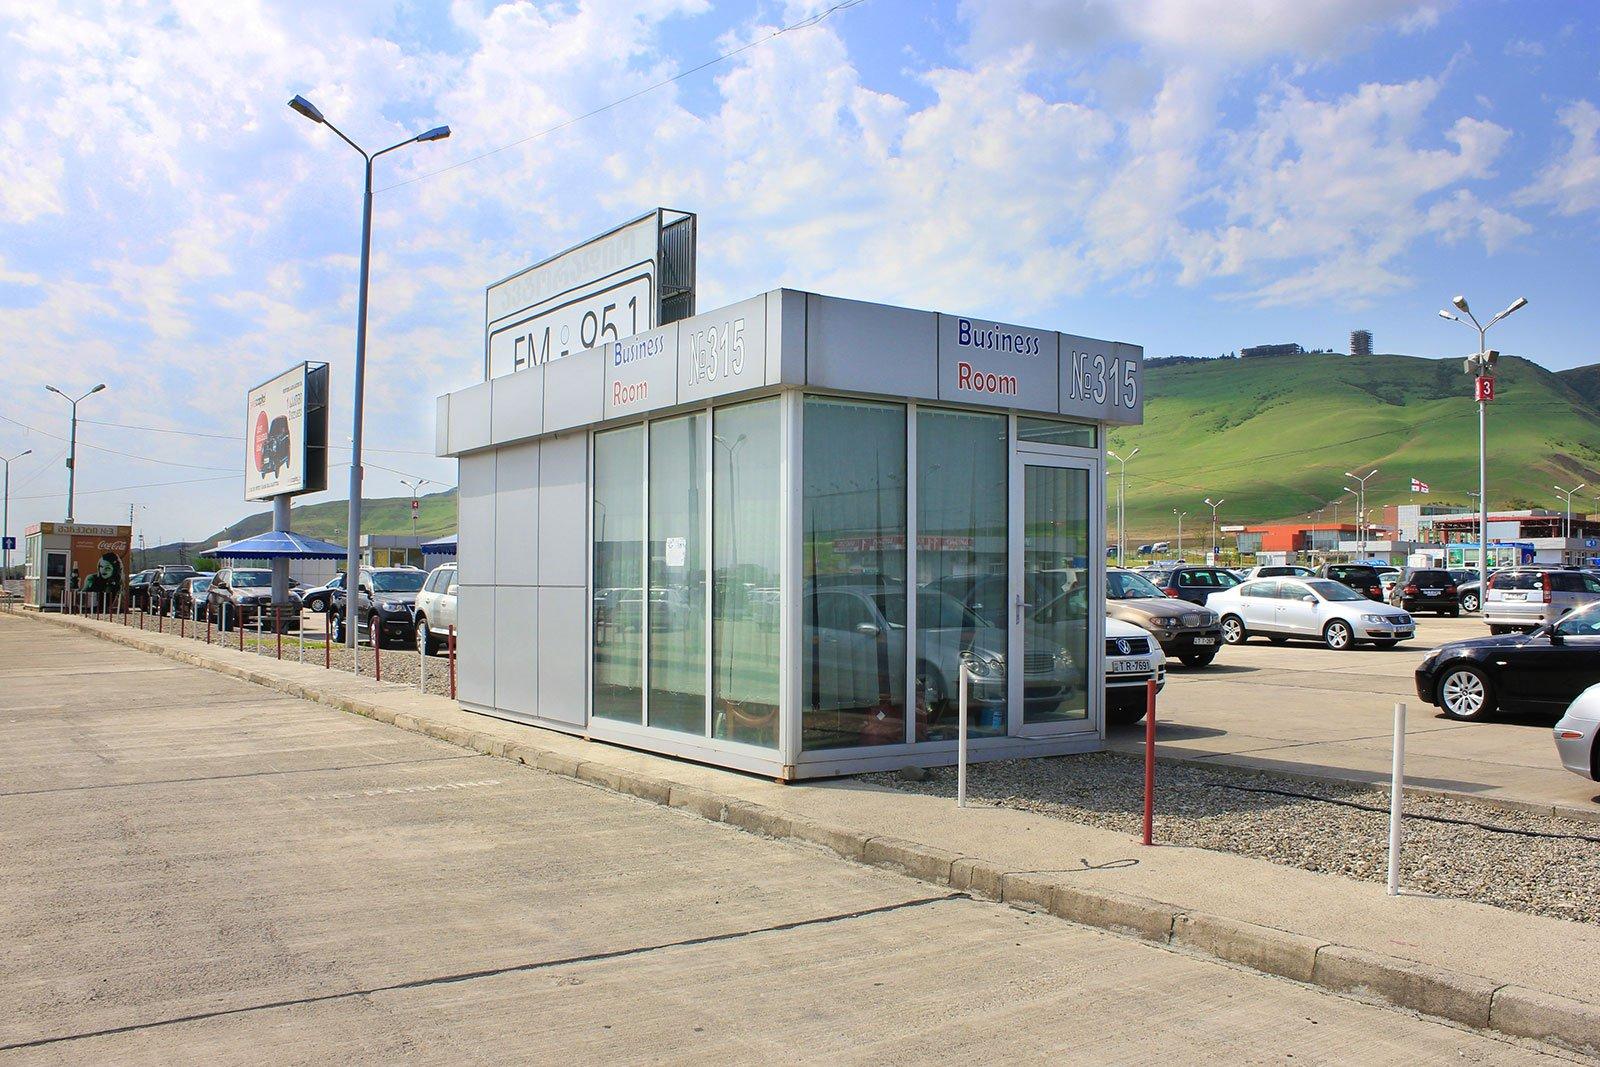 Новая цена аренды офисных помещений на руставском авторынке AUTOPAPA!